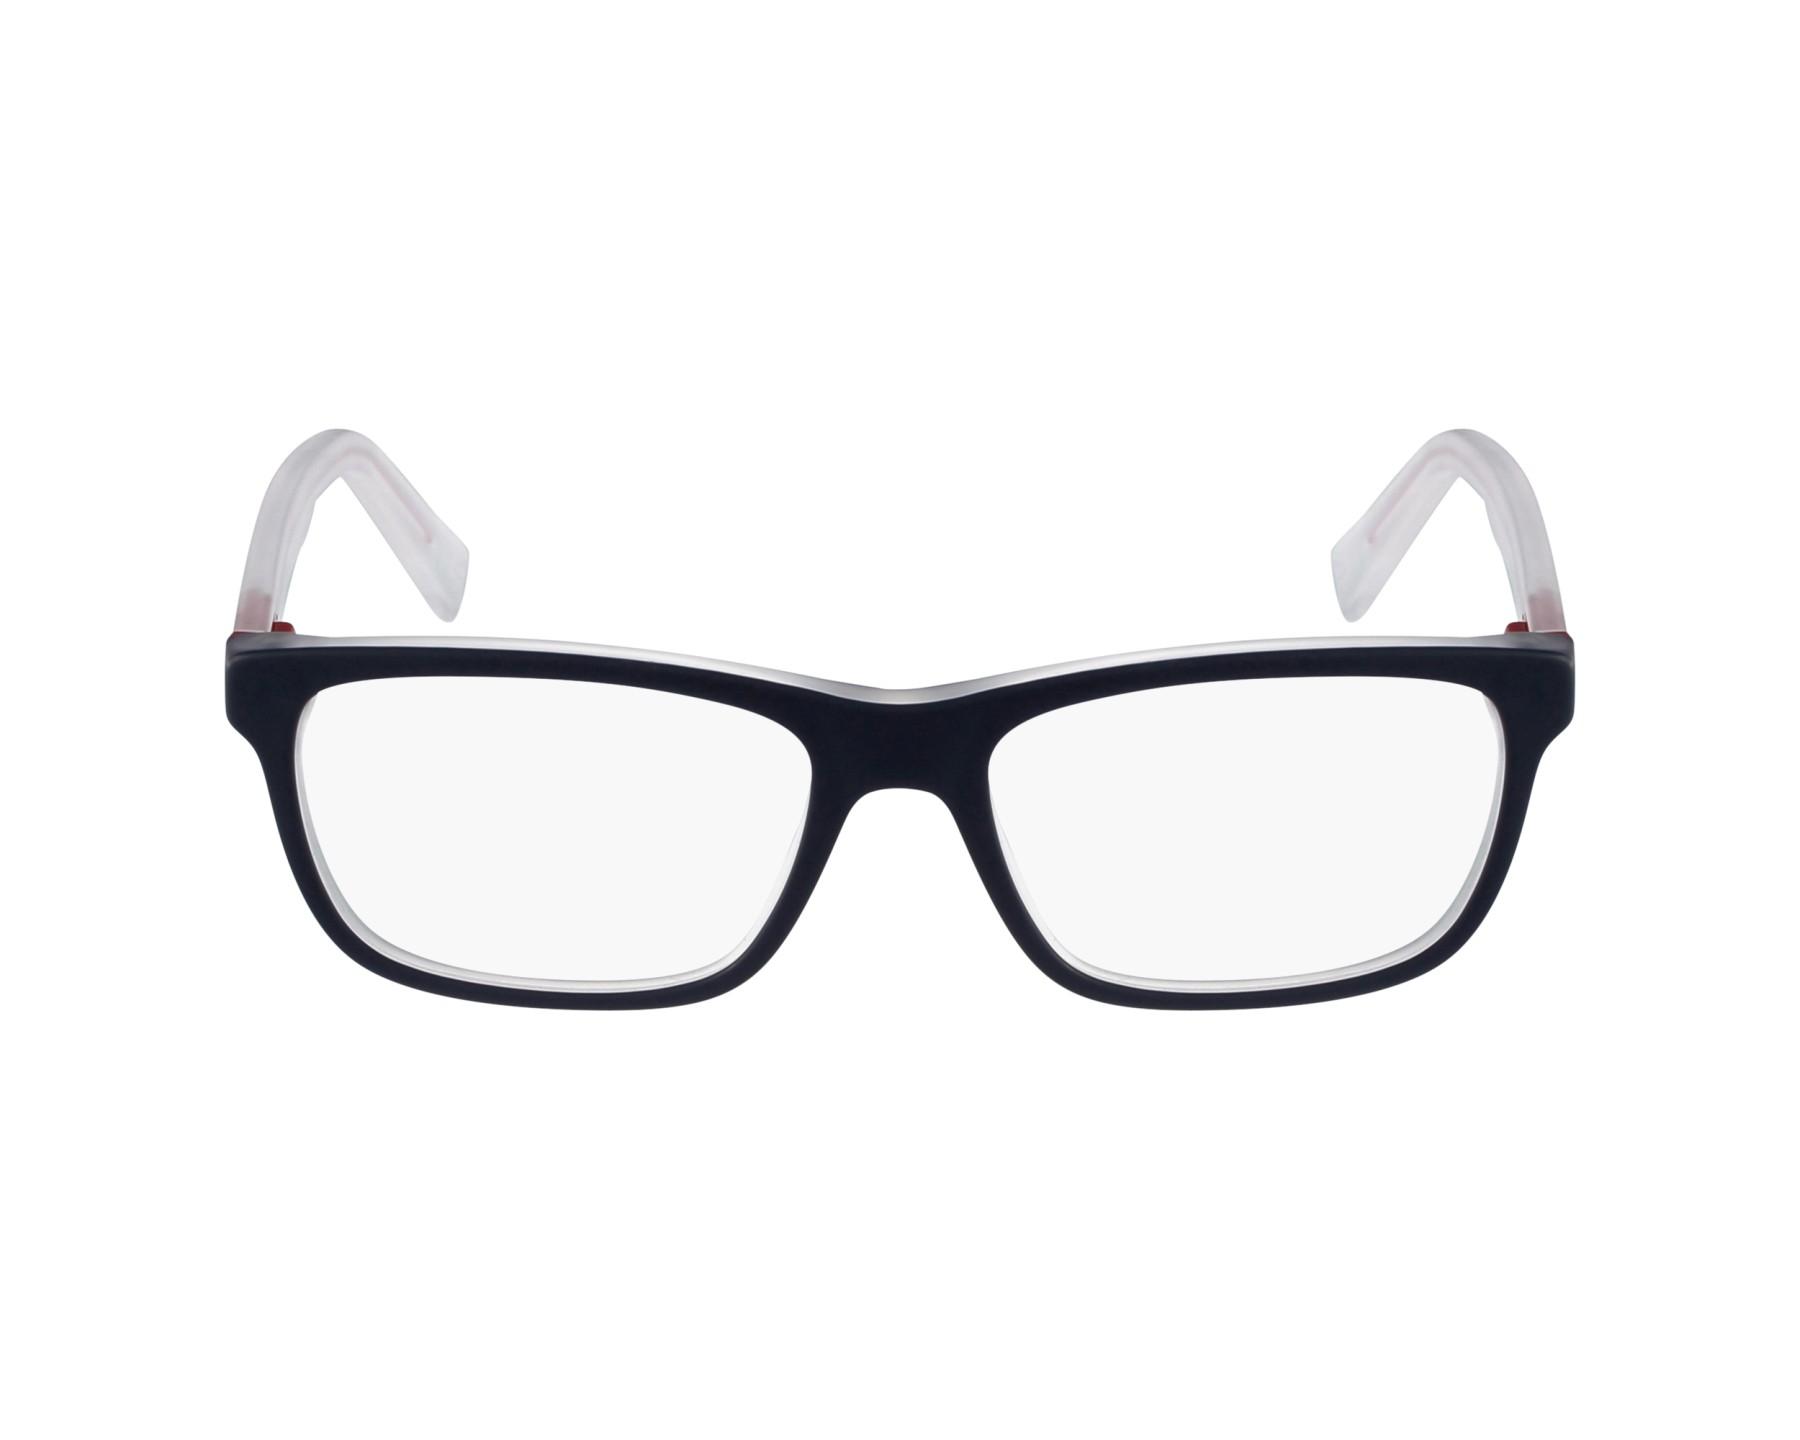 tommy hilfiger brille th 1361 k56 blau gl ser. Black Bedroom Furniture Sets. Home Design Ideas